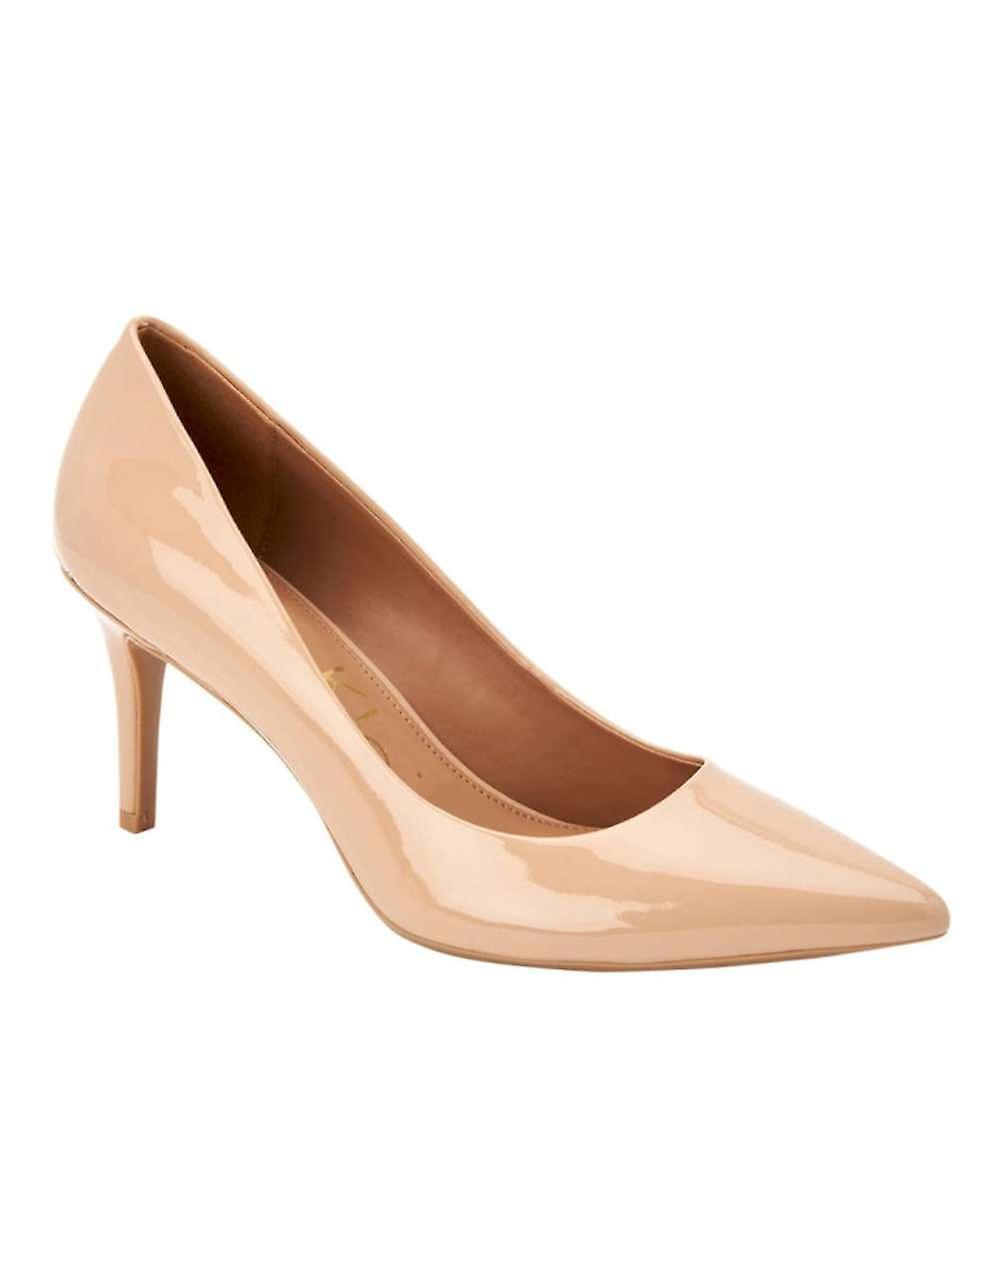 Gayle damskie Calvin Klein wskazał Toe pompy klasyczne zNxyX